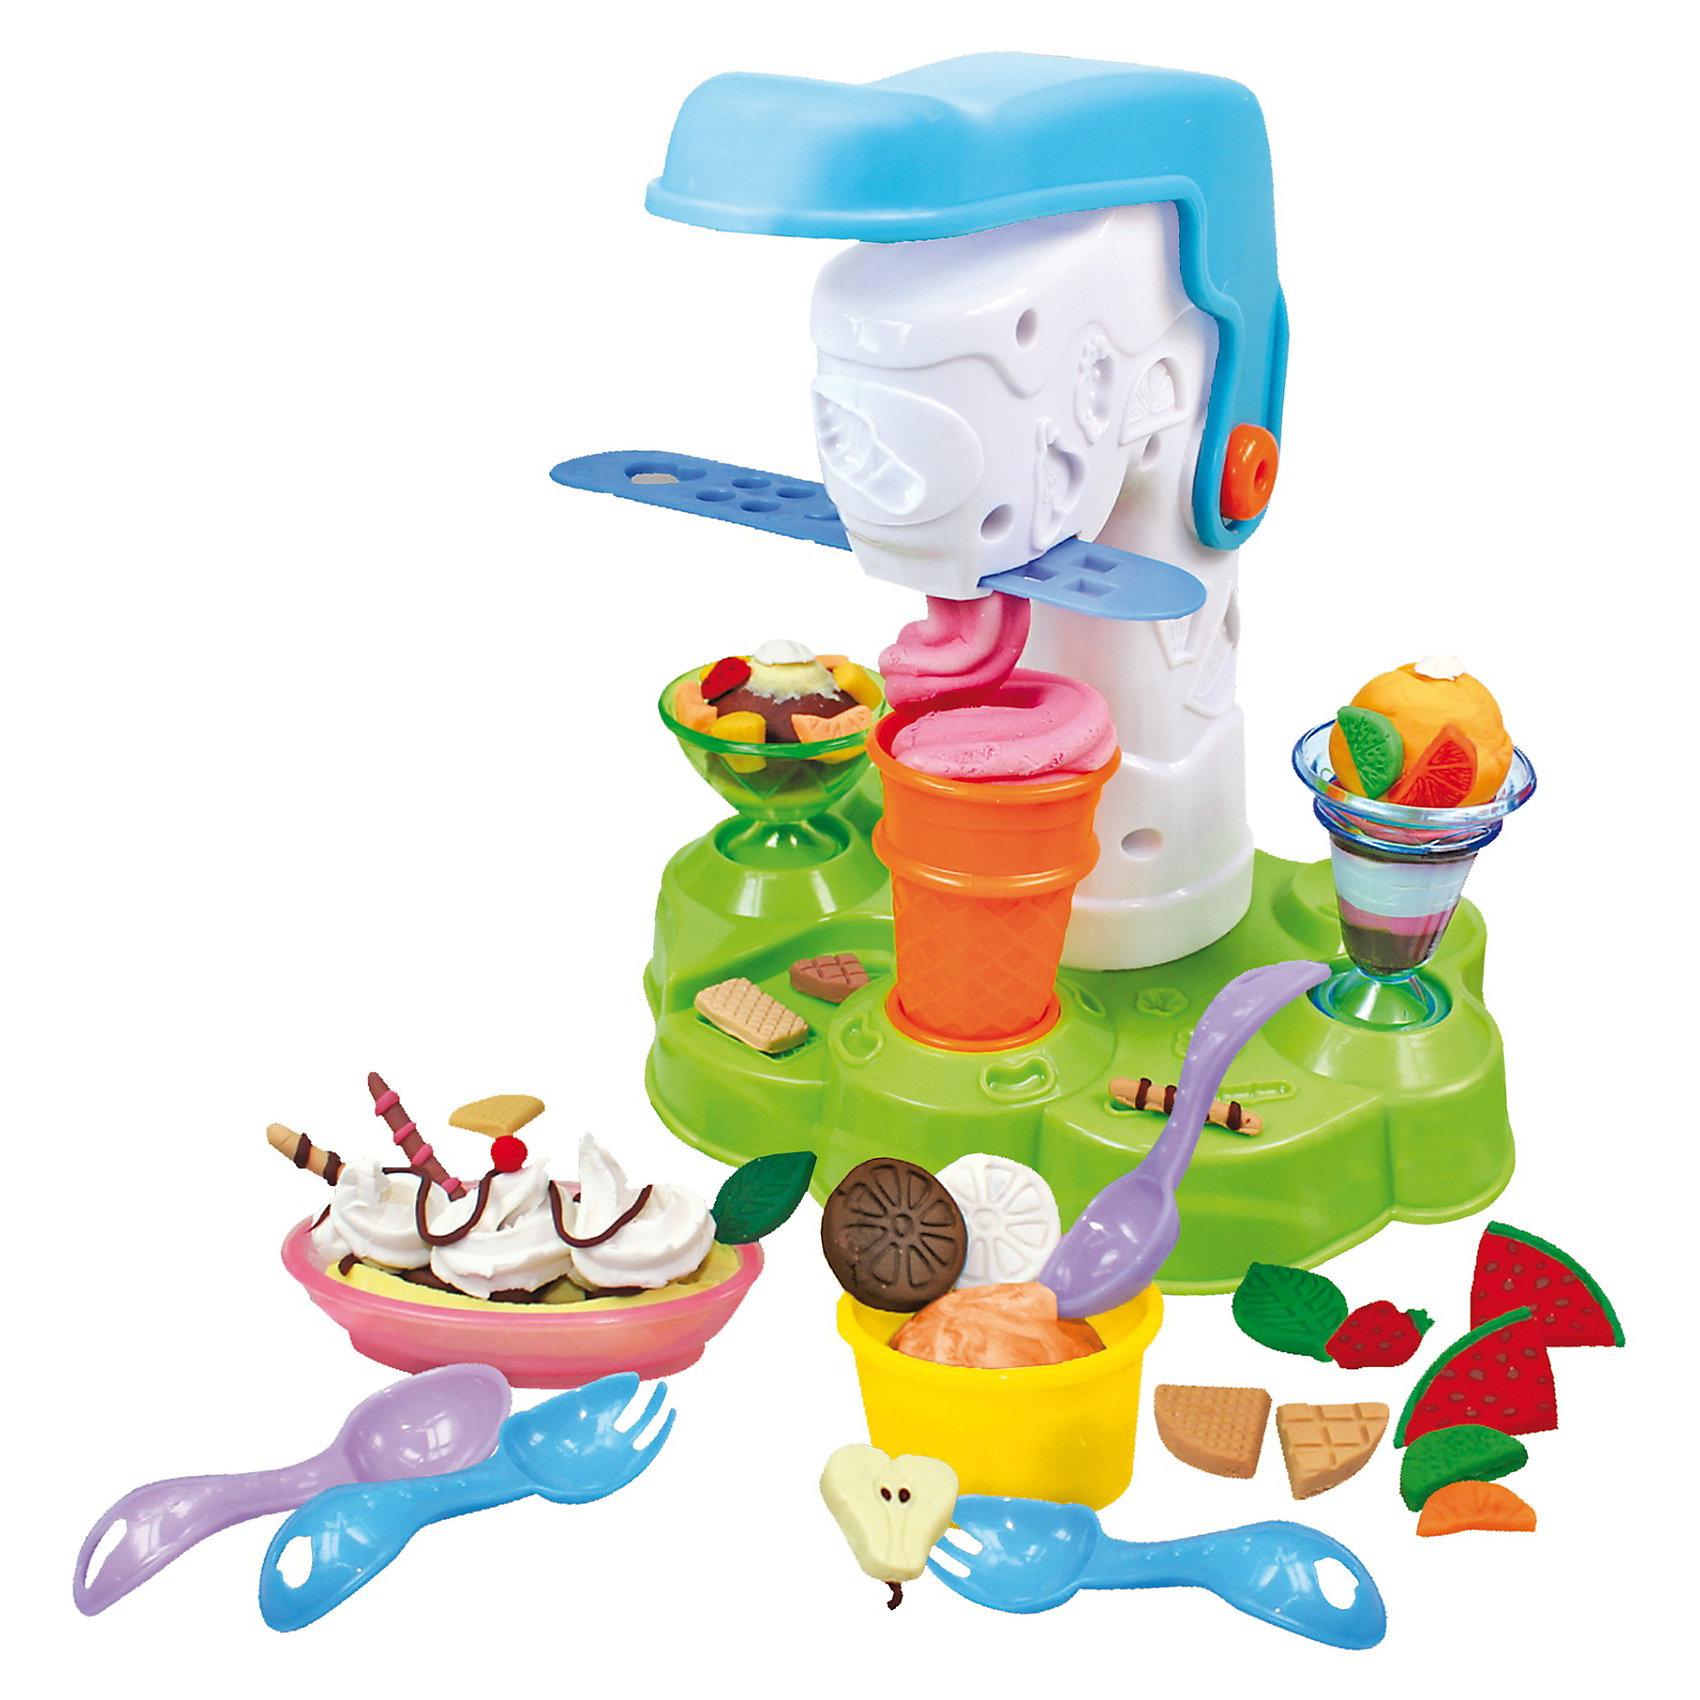 Набор Мастерская кексов, SimbaНабор Мастерская кексов, Simba (Симба) – этот набор порадует вашего малыша и вдохновит на интересные идеи.<br>Набор для лепки Мастерская кексов- это мечта любого ребенка. С помощью него ваш малыш сможет приготовить множество игрушечных, но аппетитных кексов. Пластилин, входящий в набор, очень мягкий и приятный на ощупь, хорошо держит изготовленную форму, не пачкает руки и предметы, не липнет к одежде, абсолютно безопасен для детского здоровья. Если сделанный кекс оставить на некоторое время на воздухе, то пластилин застынет и сделанный вашим ребенком красивый кекс долго сможет радовать глаз. А украсить его можно всевозможными способами: кондитерским шприцом, кондитерской крошкой, которую можно сделать специальной мельницей для размалывания пластилина. Если в мельницу можно положить кусочки пластилина разных цветов, и получится разноцветная кондитерская крошка. На подставке и на шприце есть дополнительные формочки. При помощи специального пресса, можно наполнить емкости. Для этого нужно поместить в аппарат пластилин, нажать на рычаг и подставить к крану емкость. Игрушка стимулирует развитие воображения, учит различать цвета, формы, способствует концентрации внимания и усидчивости, а пластичная консистенция пластилина способствует развитию мелкой моторики пальцев ребёнка.<br><br>Дополнительная информация:<br><br>- В наборе: 4 баночки с пластилином на растительной основе по 50 грамм, 3 подставки под кексы, мельница для украшения, кондитерский шприц, 2 ложки, 2 вилки, станция для изготовления кексов, 2 трафарета для придания формы<br>- Материал: высококачественный и экологический пластик, пластилин<br><br>Набор Мастерская кексов, Simba (Симба) можно купить в нашем интернет-магазине.<br><br>Ширина мм: 405<br>Глубина мм: 304<br>Высота мм: 66<br>Вес г: 925<br>Возраст от месяцев: 36<br>Возраст до месяцев: 60<br>Пол: Унисекс<br>Возраст: Детский<br>SKU: 3589038